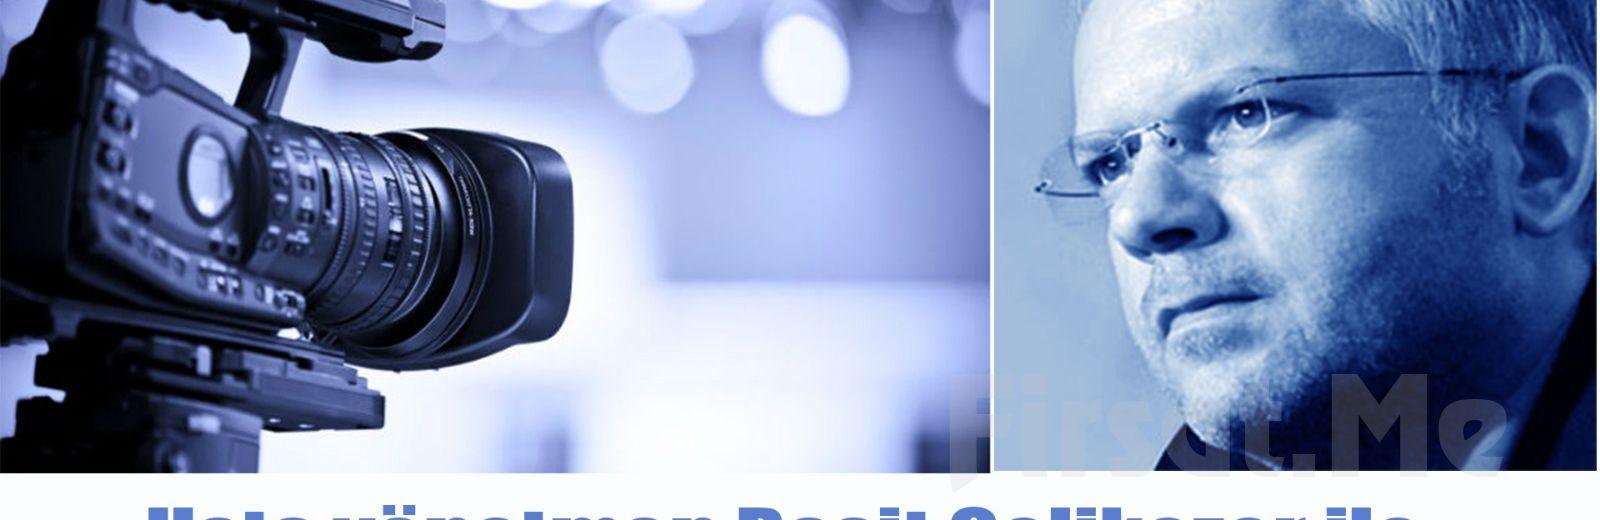 Usta Yönetmen Raşit Çelikezer ile Kamera Önü Oyunculuk Eğitimi